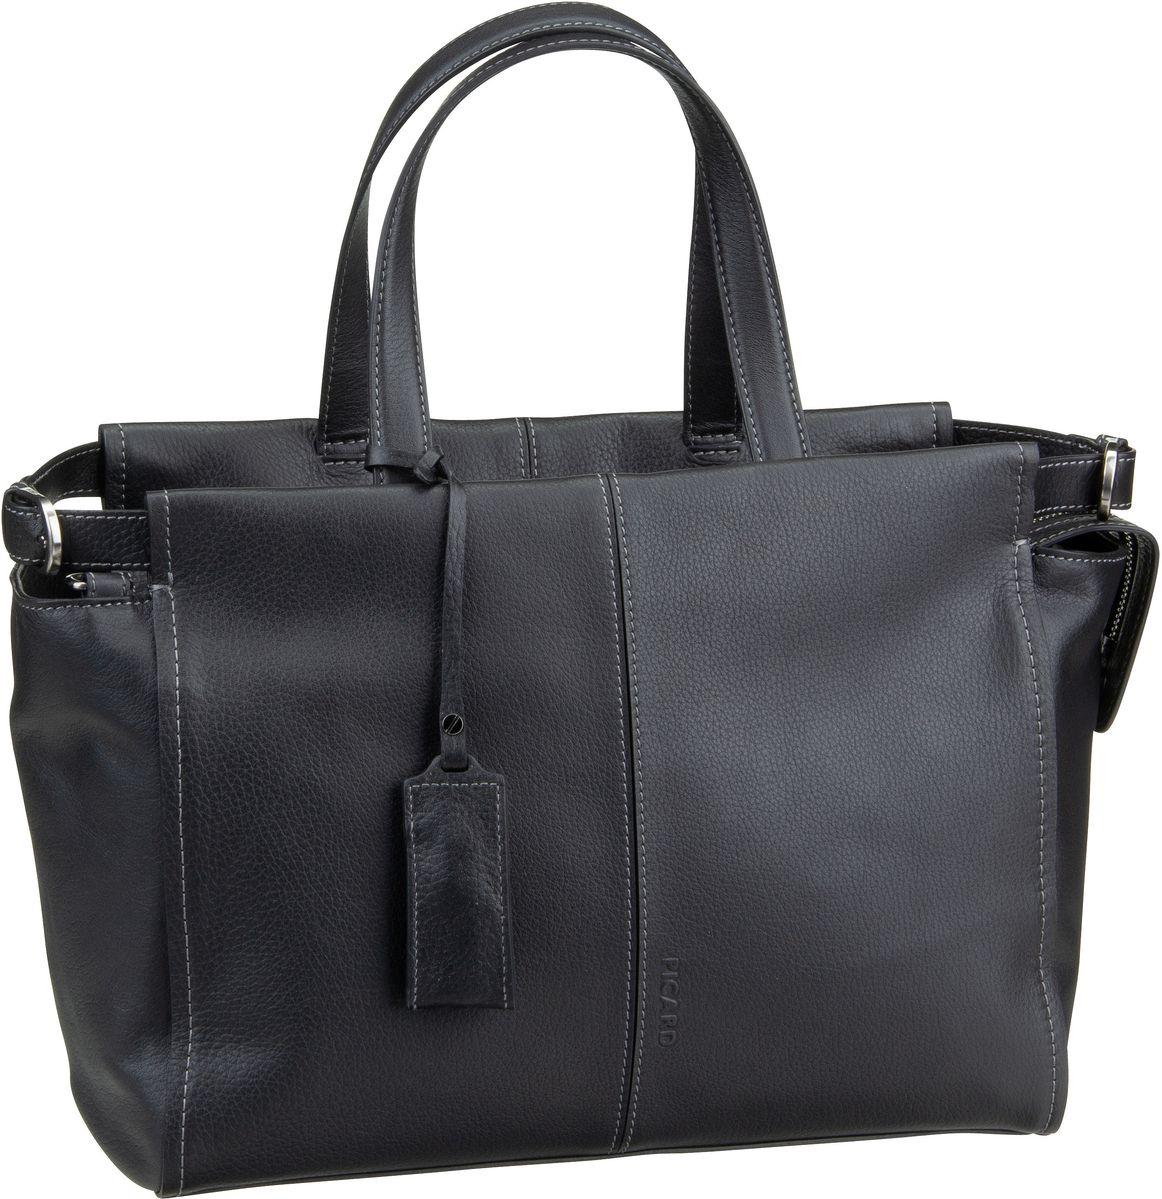 Handtasche Enjoy 9362 Schwarz